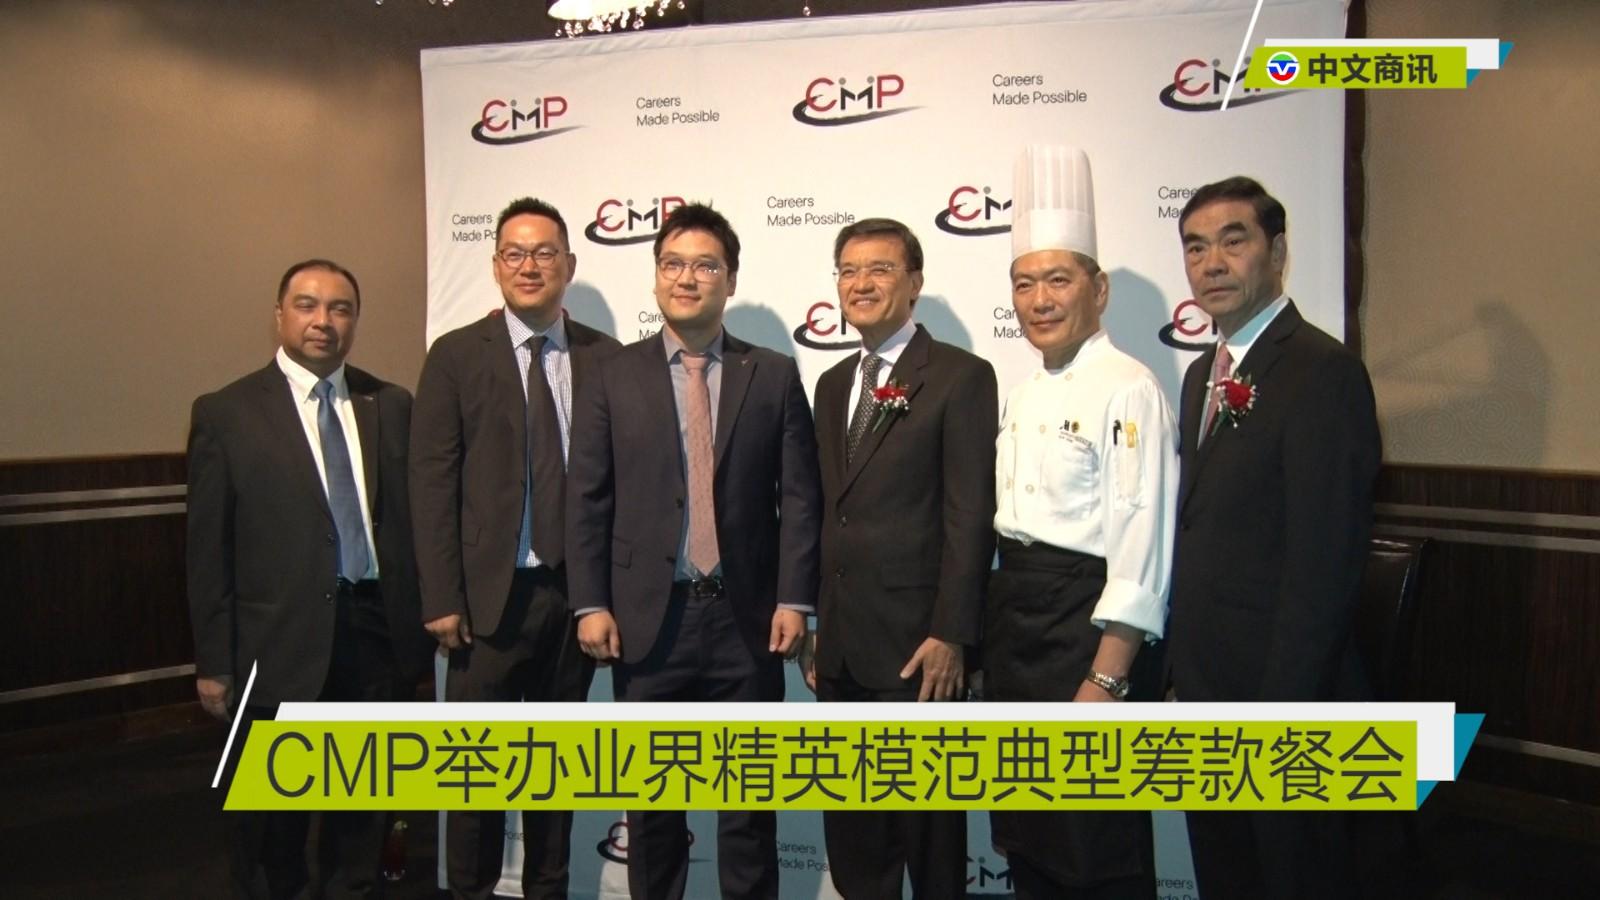 【视频】CMP举办业界精英模范典型筹款餐会